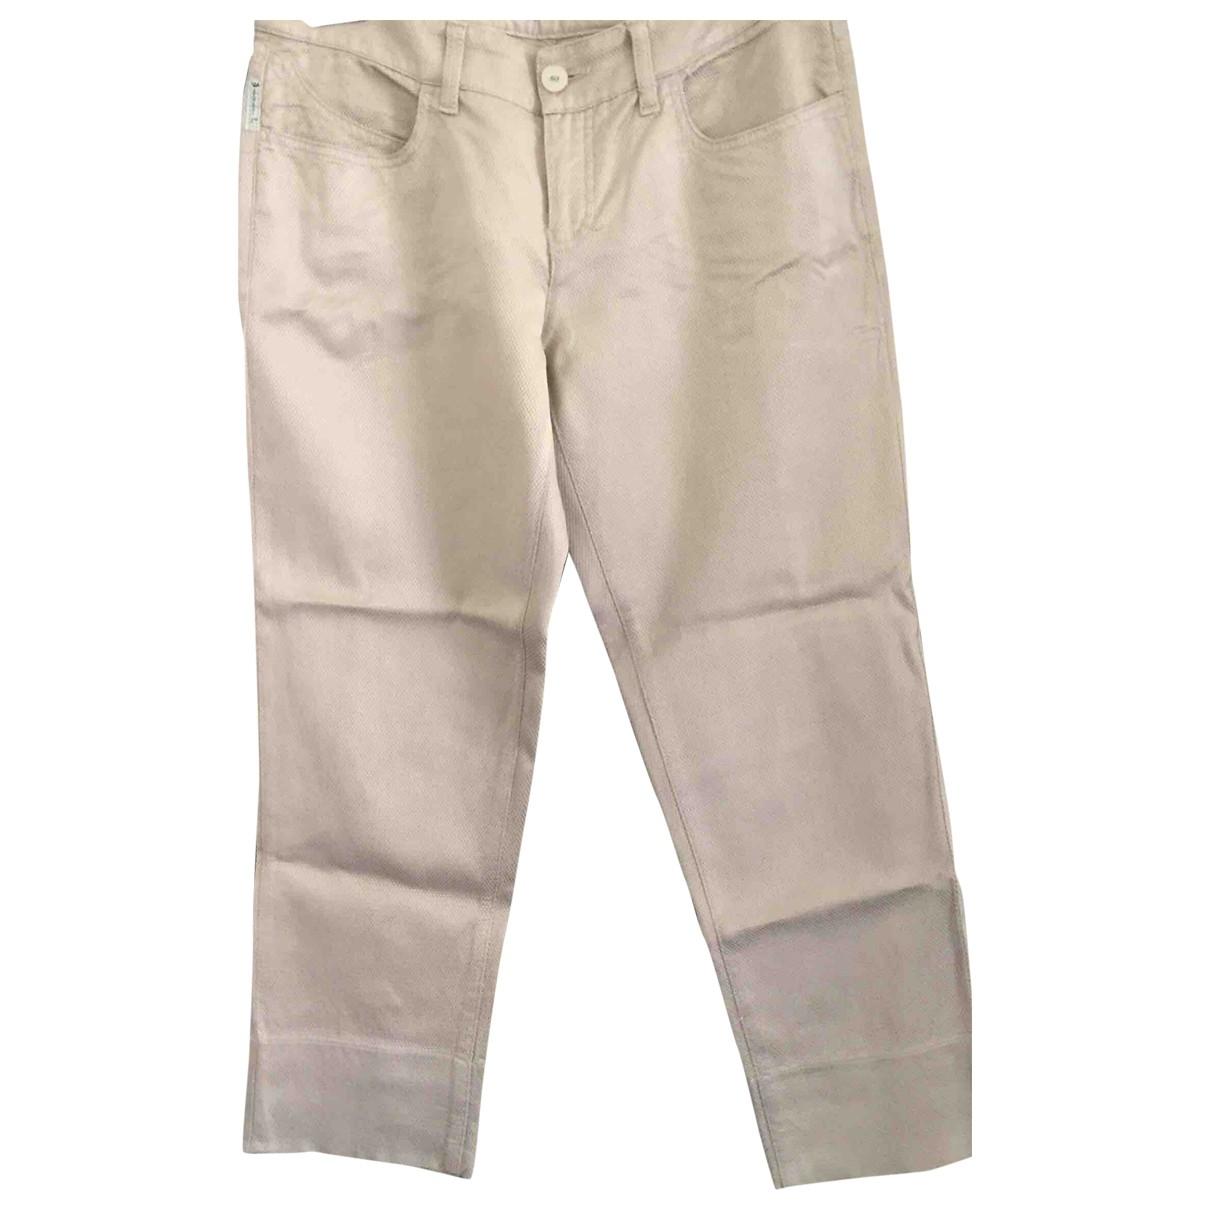 Armani Jeans \N Beige Trousers for Women 42 IT